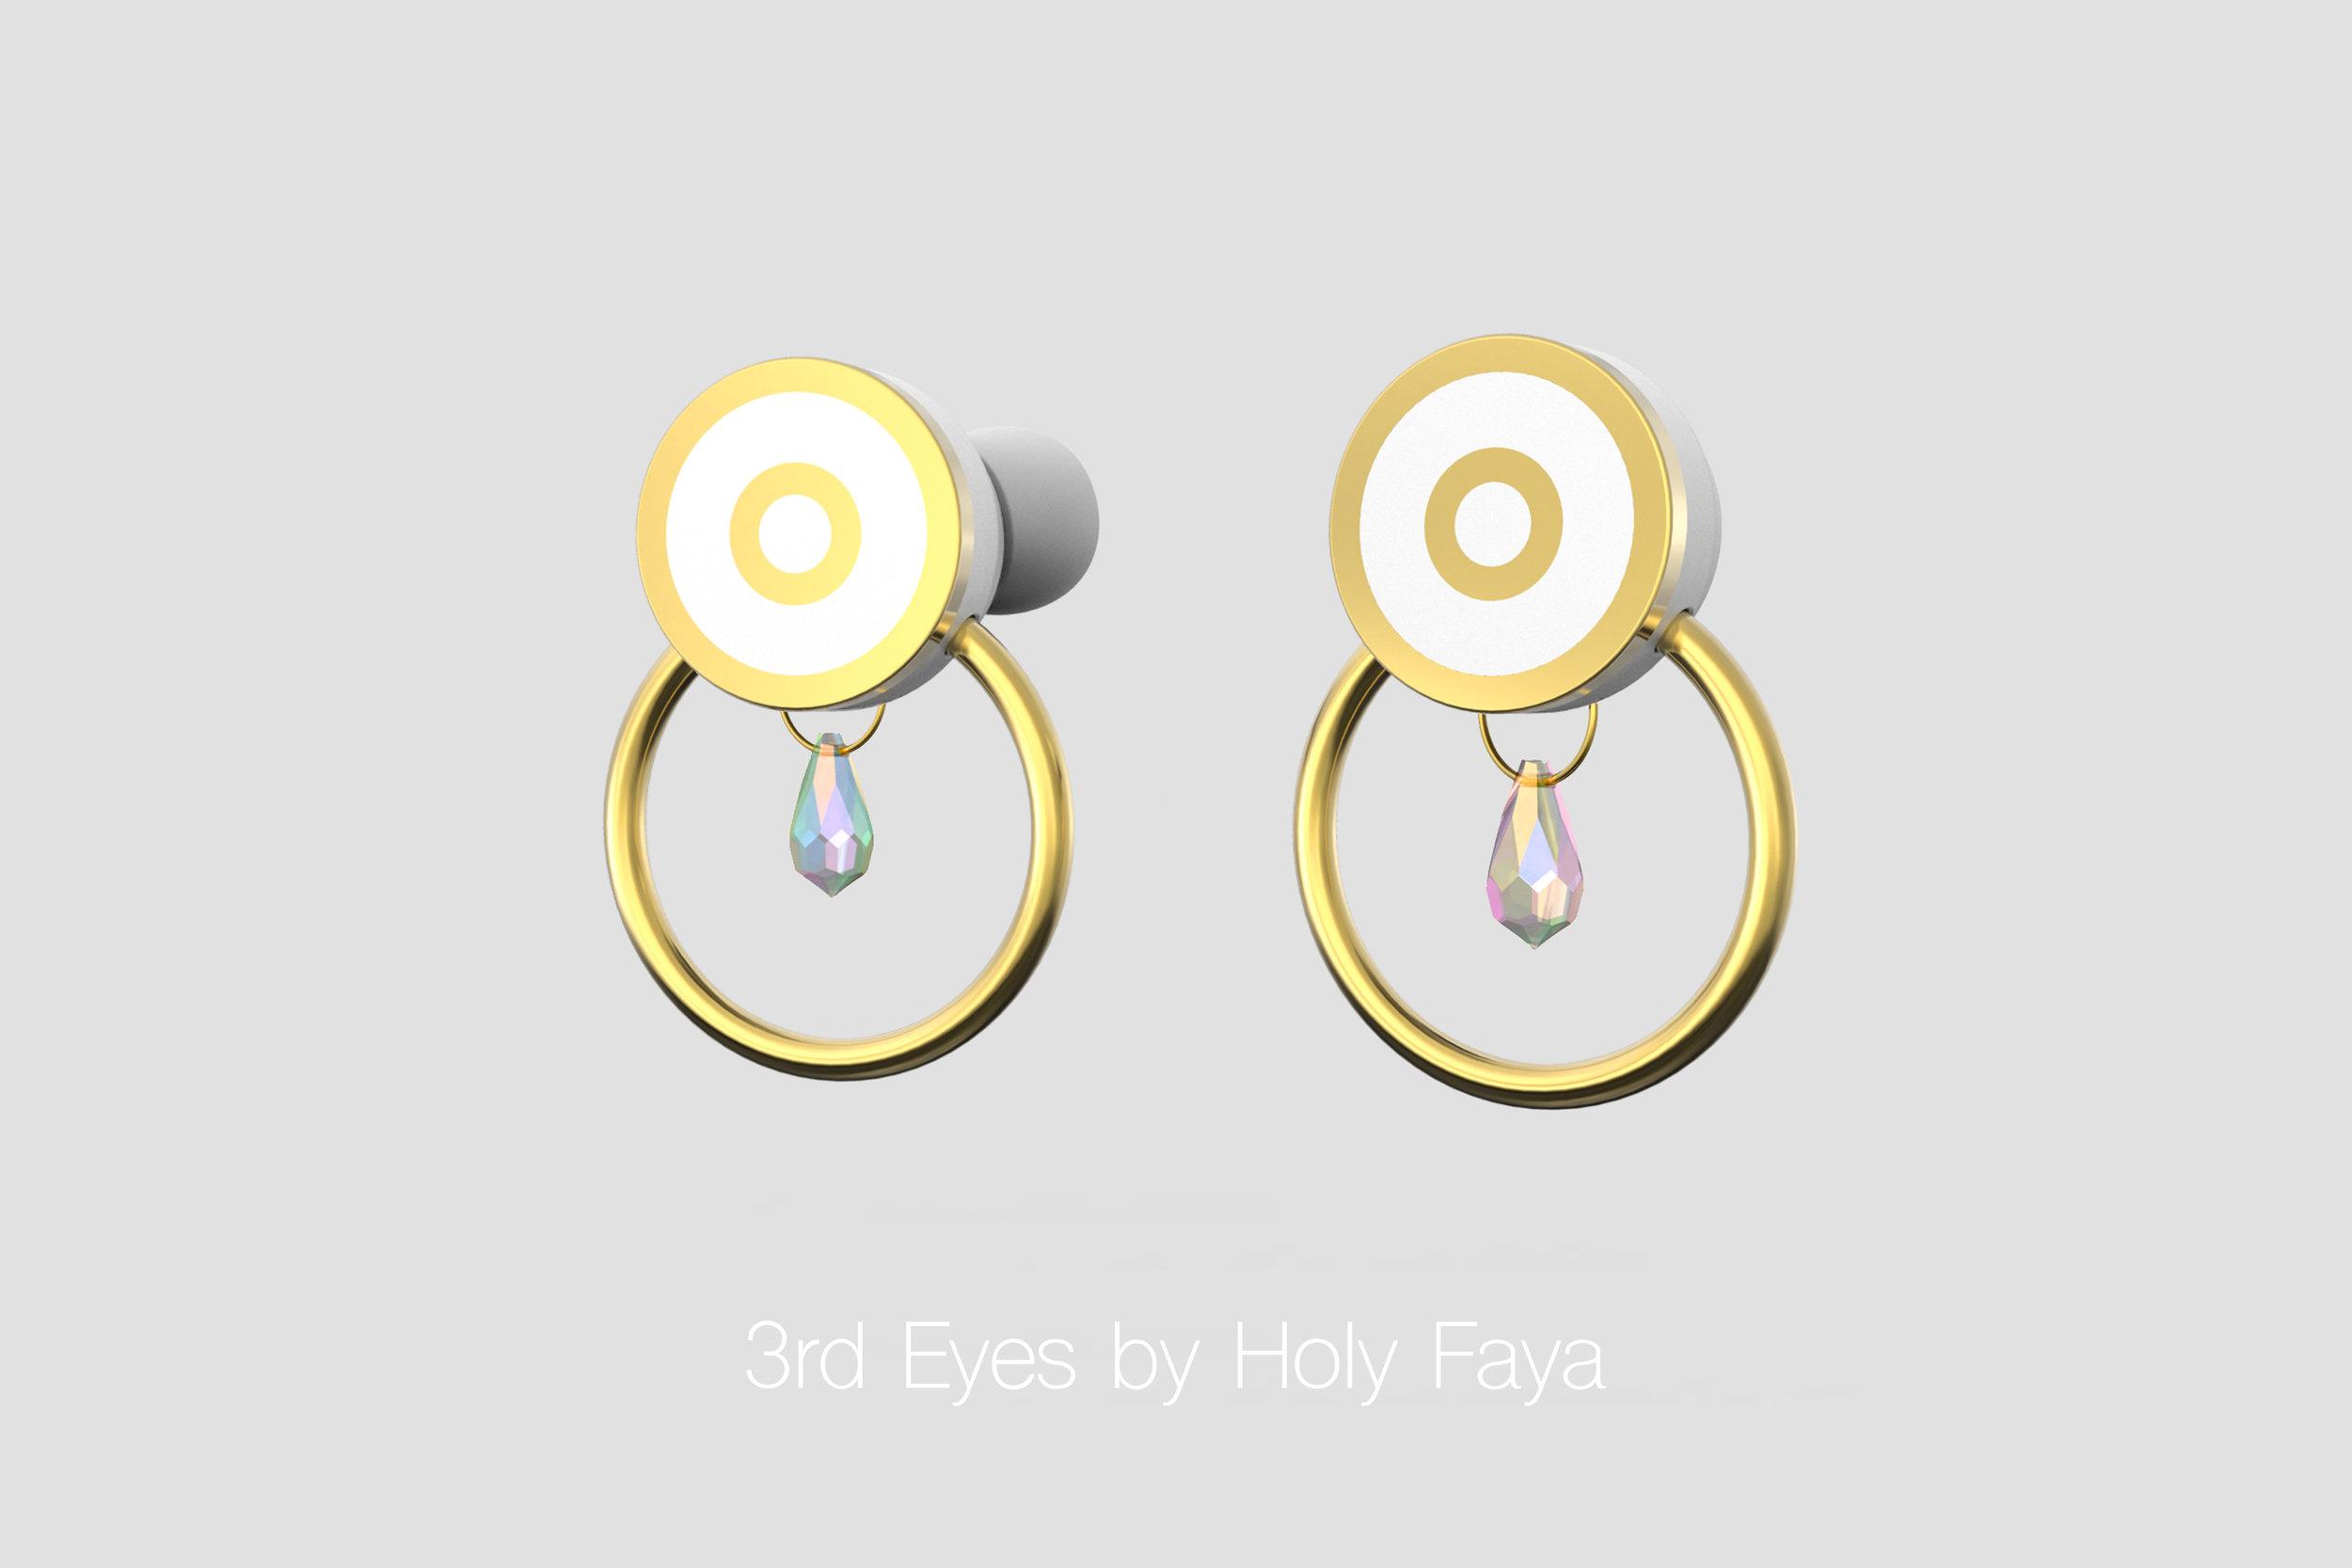 3rd Eyes_Earphones.jpg